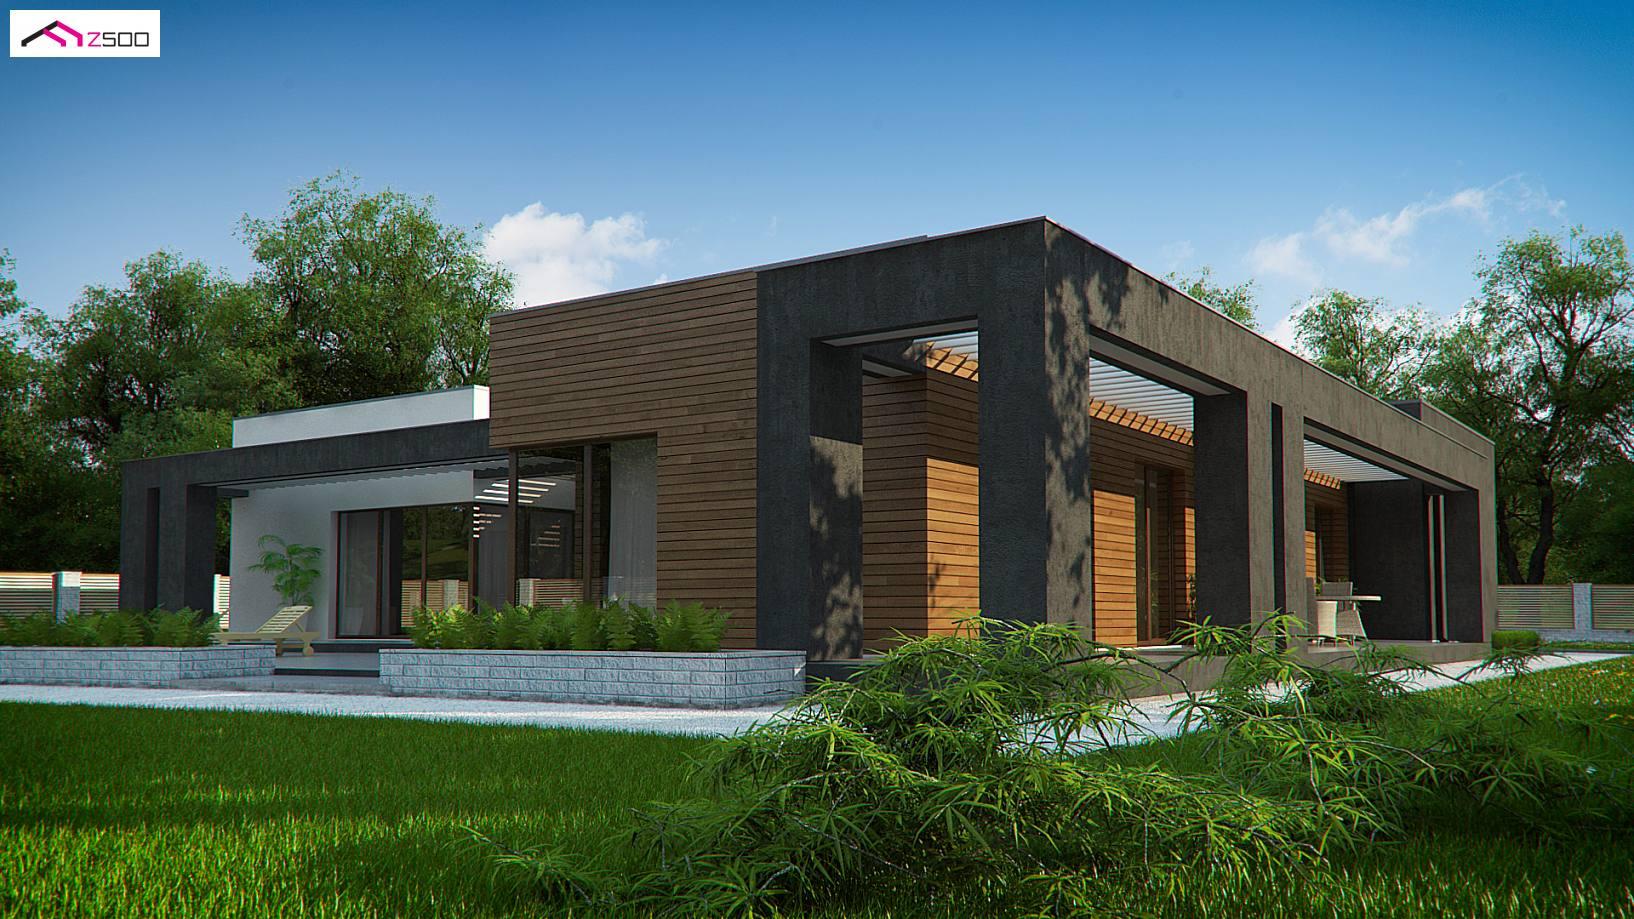 Projekt domu zx128 dom atrialny z gara em for Proyectos minimalistas